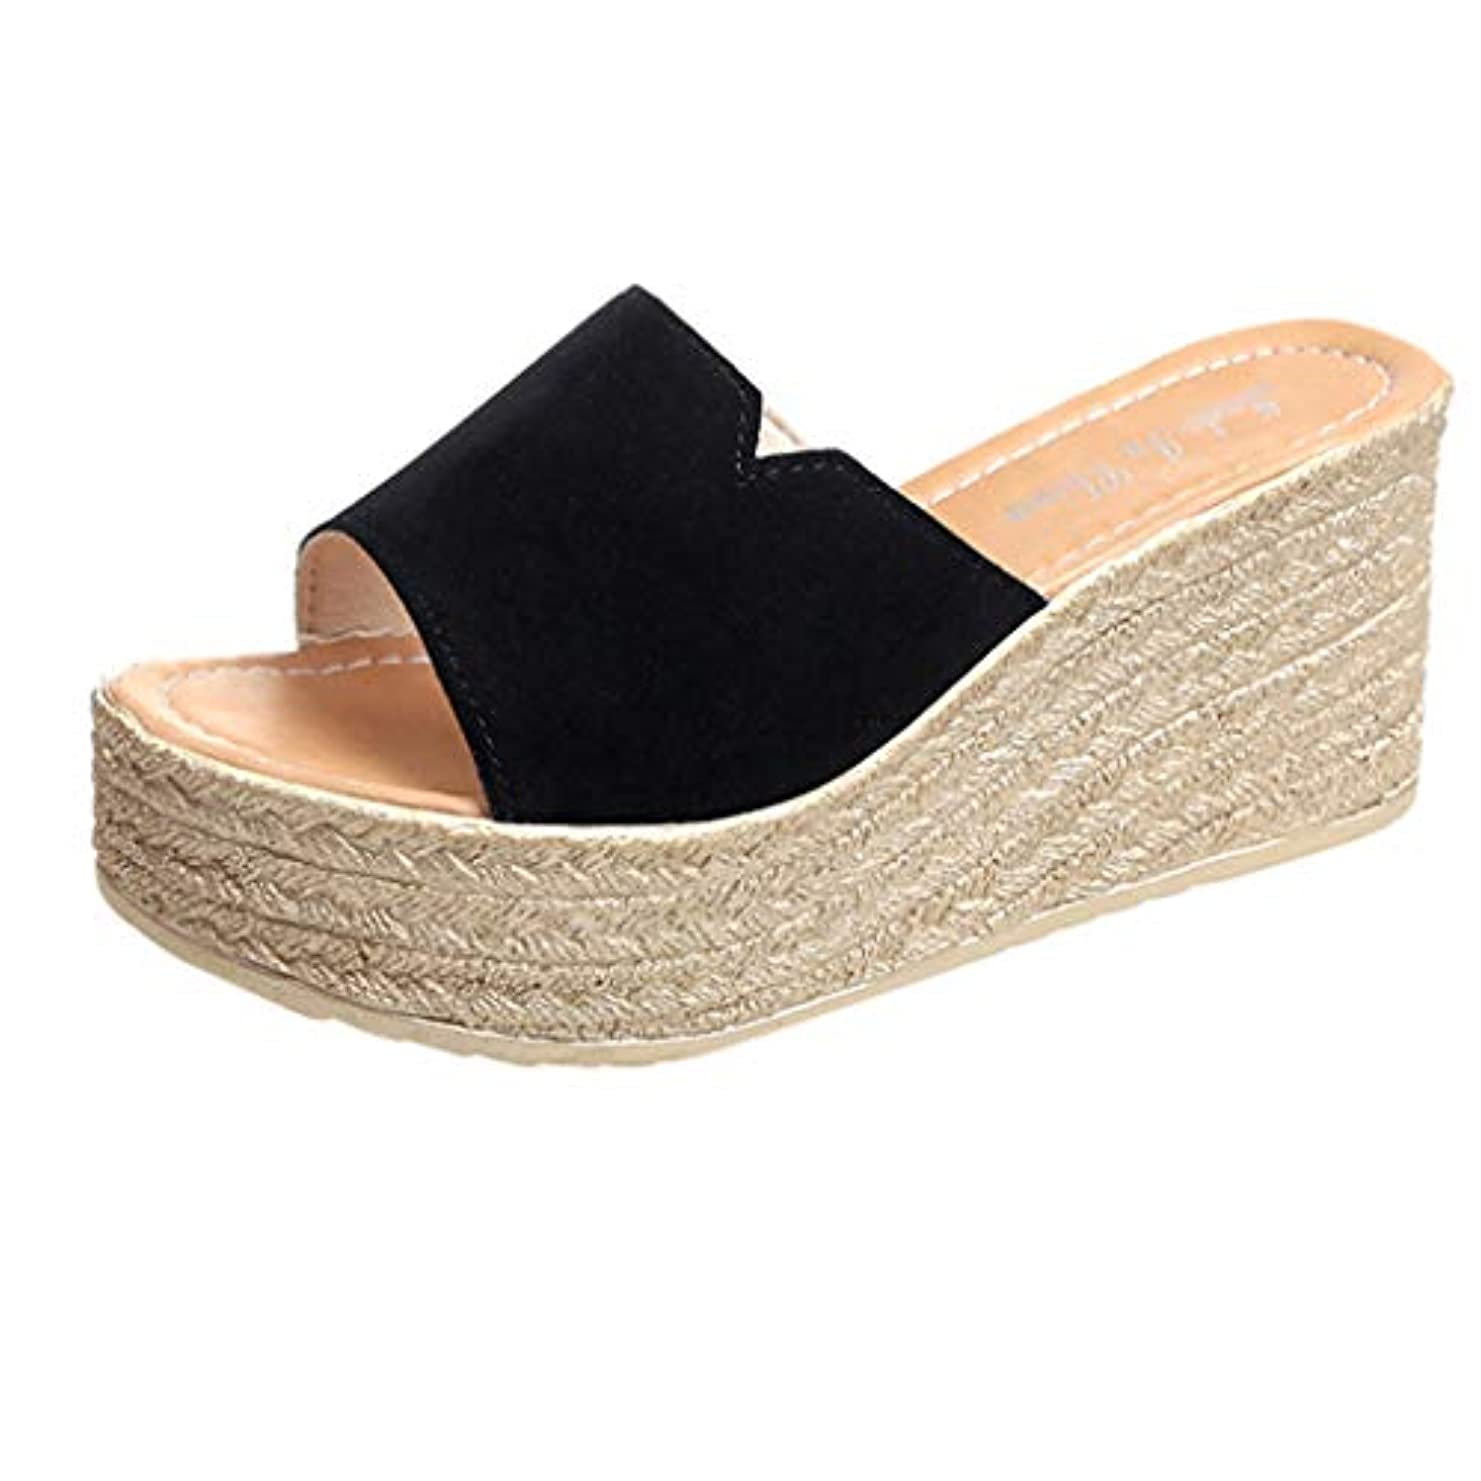 ウィンクブラザーフロンティアウェッジソール ミュール Foreted ビーチサンダル 履き心地 厚底靴 日常着用 オープントゥ 下履き スリッパ 痛くない 夏 海